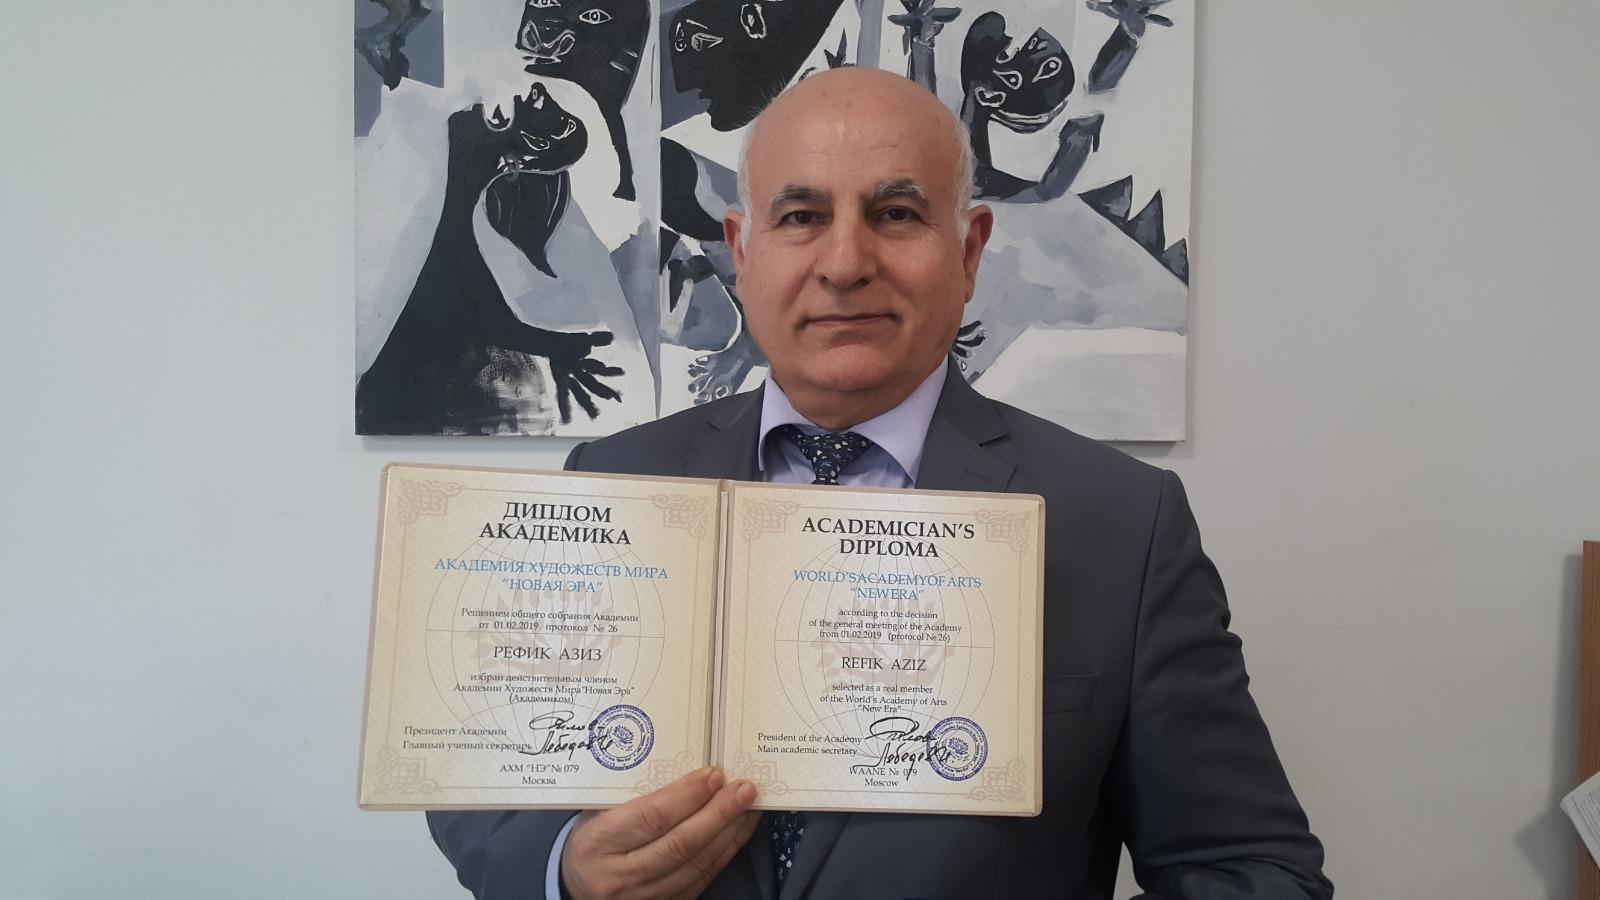 Yeditepe Üniversitesi Protetik Diş Tedavisi Ana Bilim Dalı Öğretim Üyesi Refik Aziz, World's Acedemy of Arts - New Era (Dünya Sanat Akademisi – Yeni Çağ) asil üyeliğine seçildi.